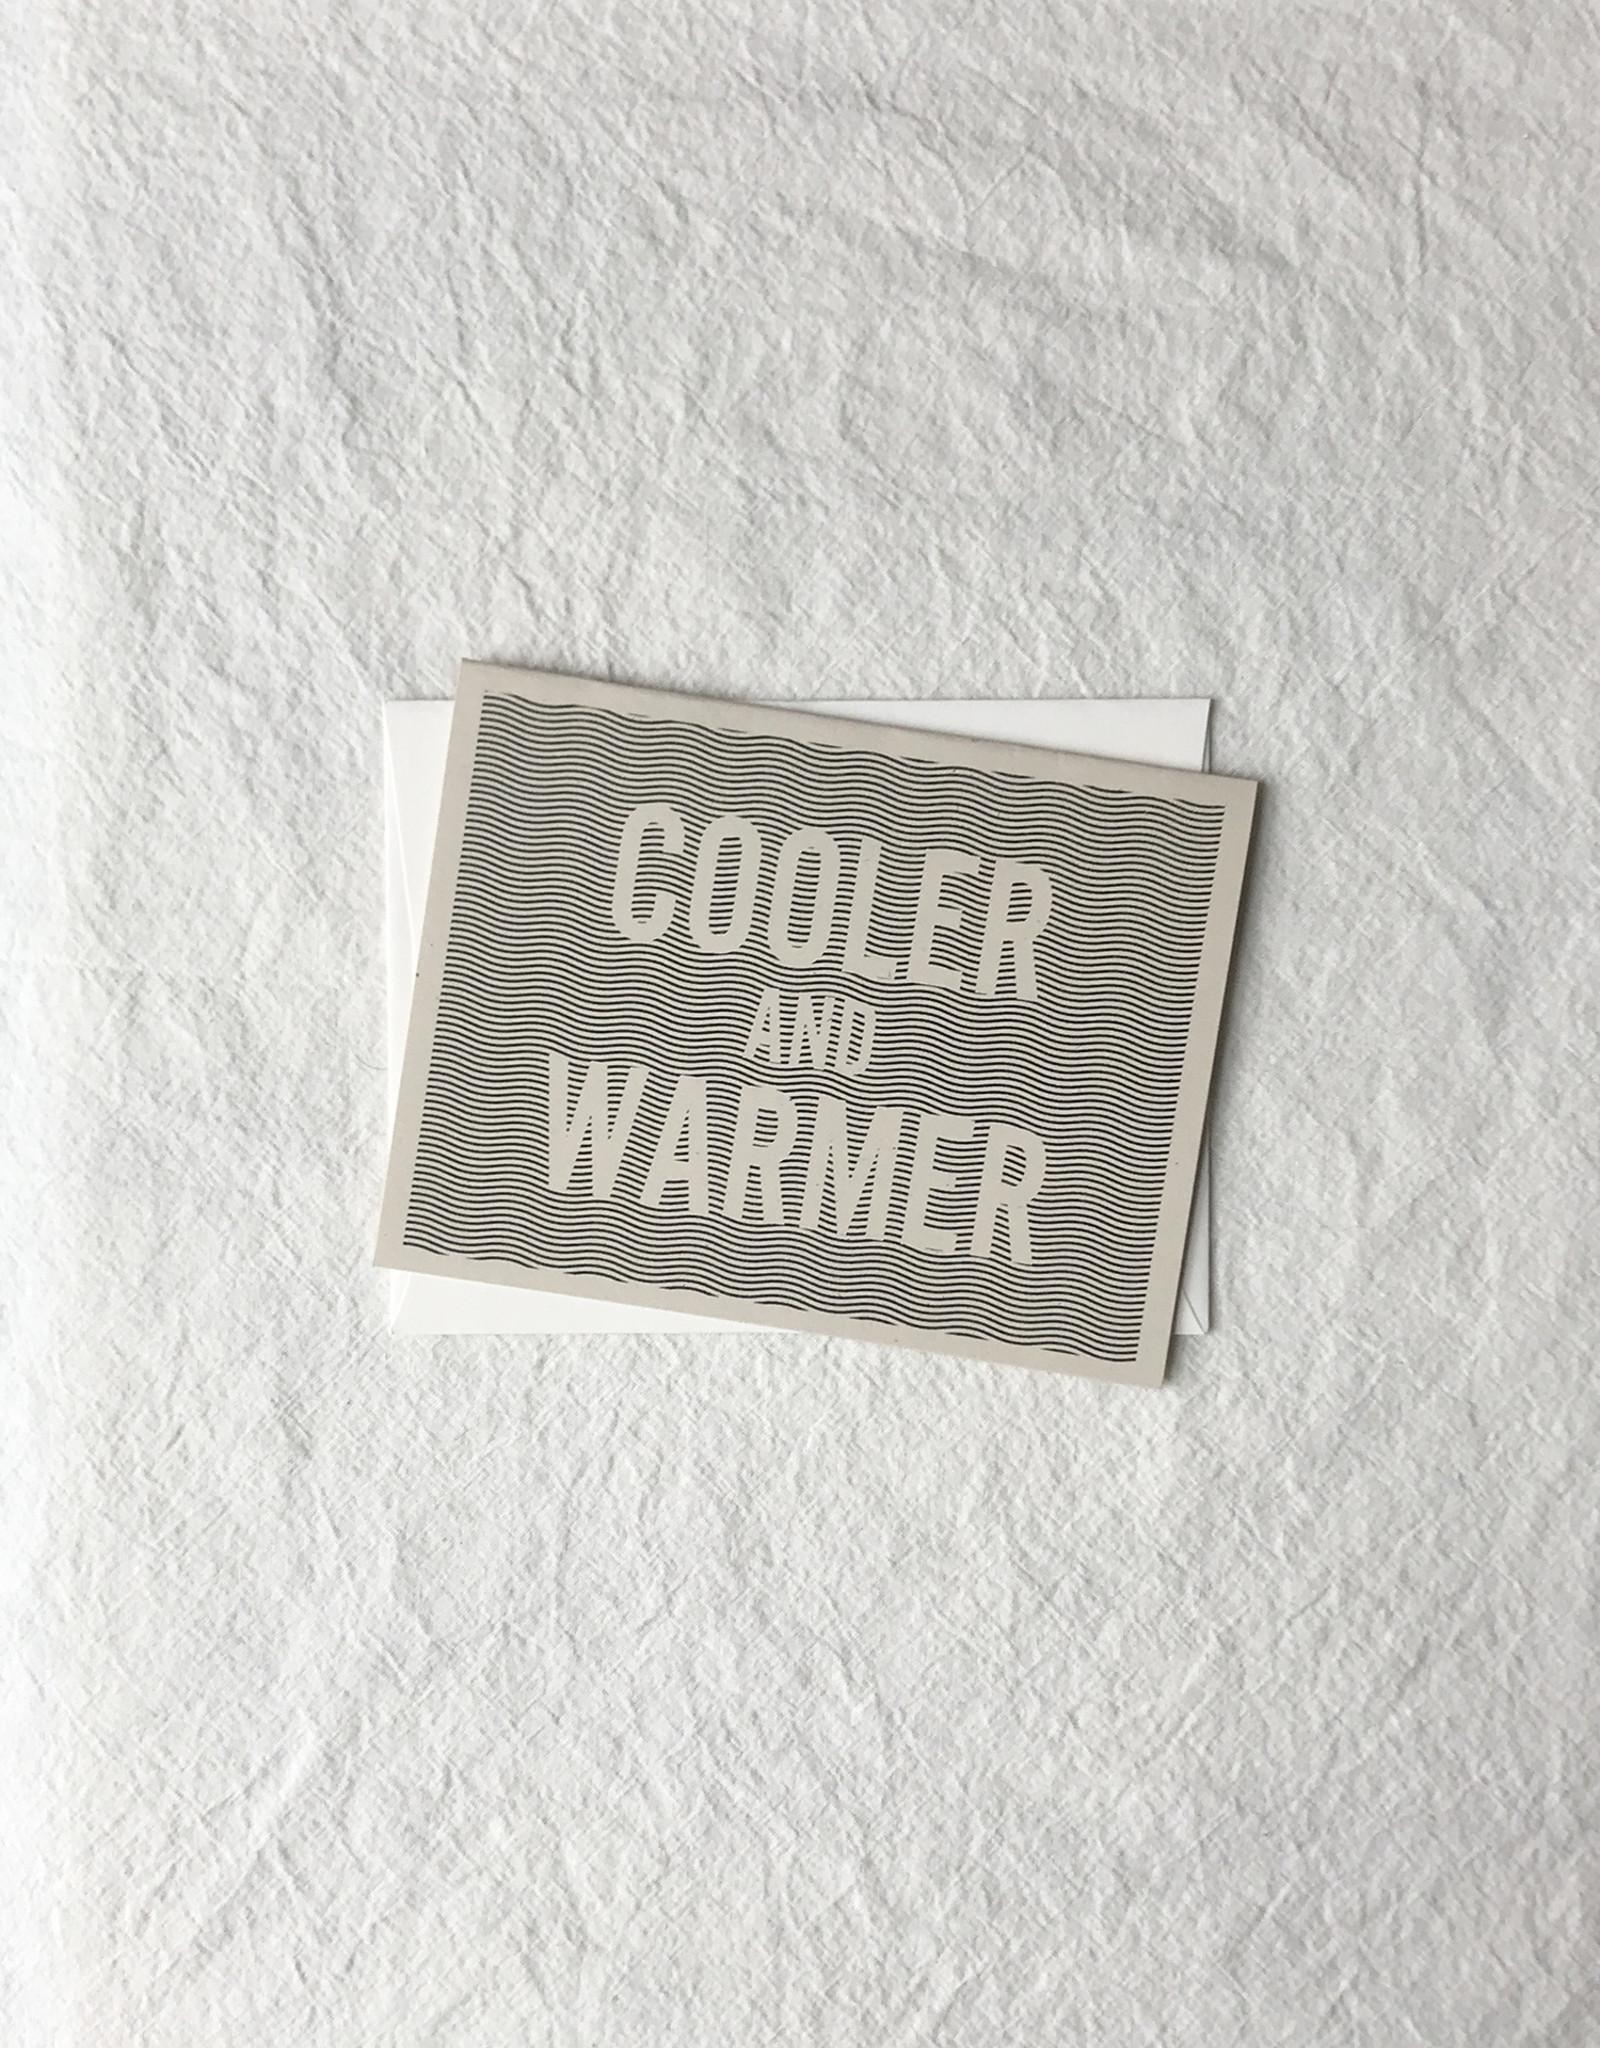 Mau-House Cooler and Warmer RI Card